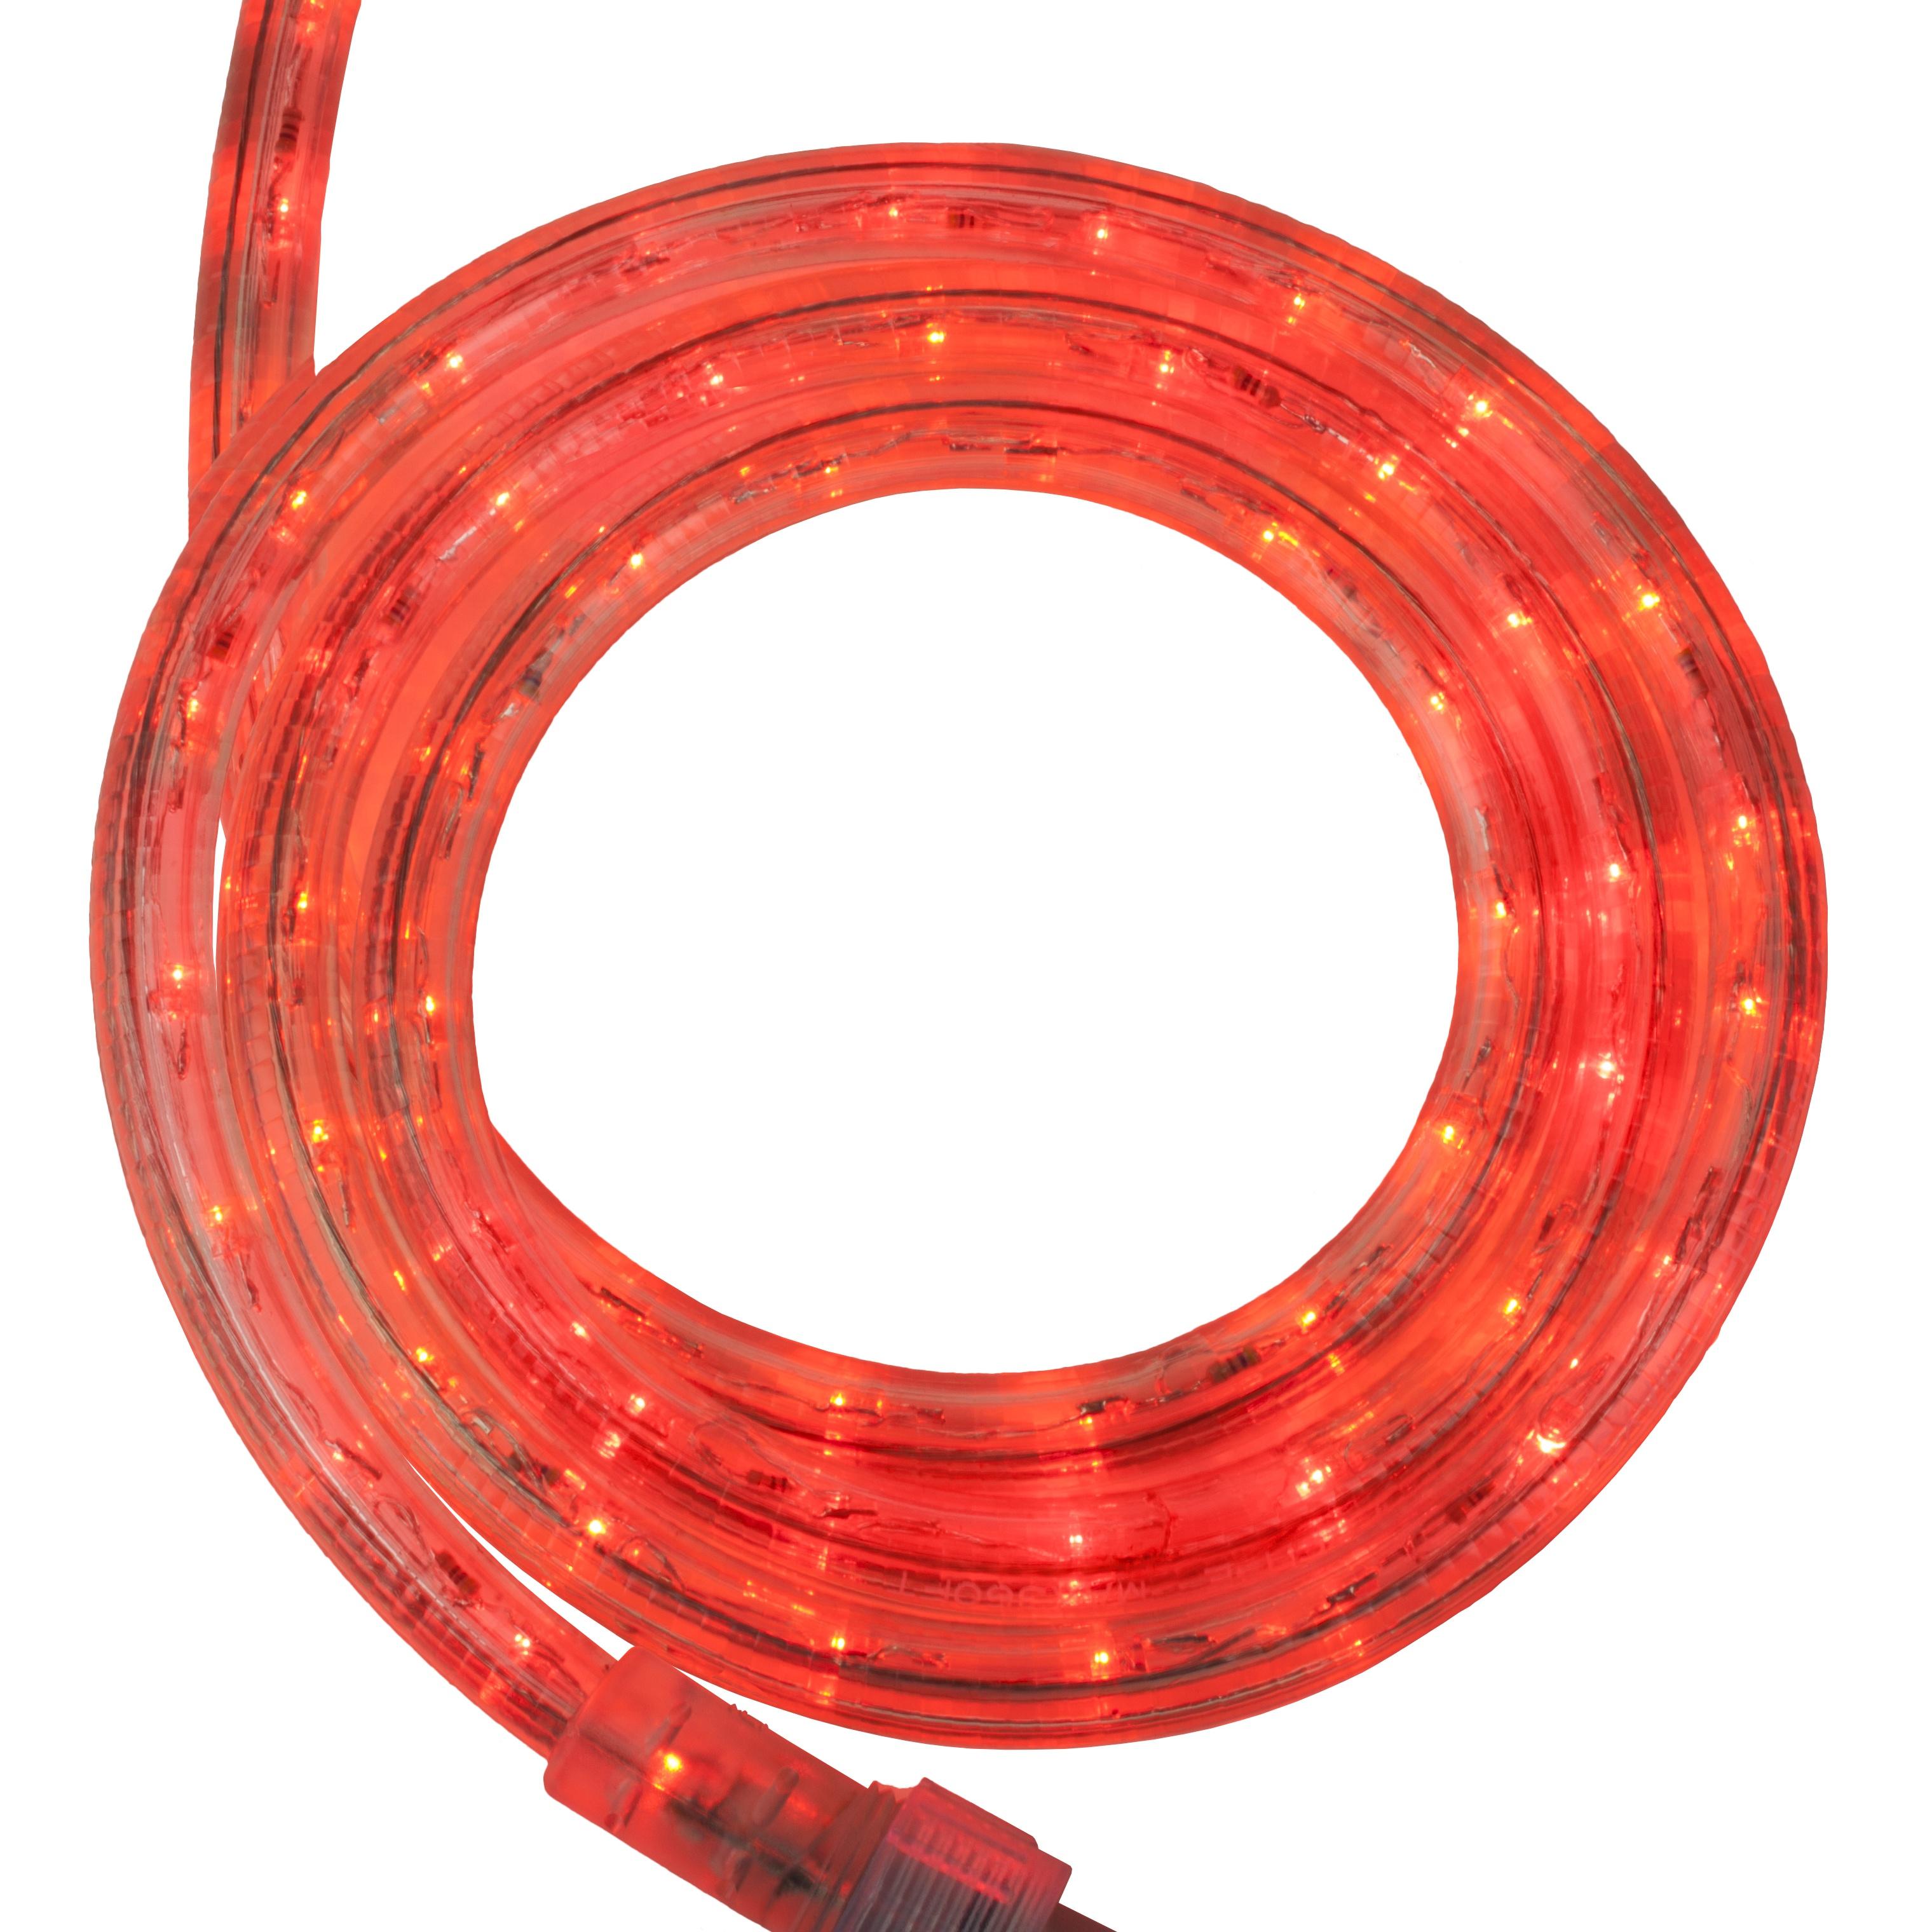 LED Rope Lighting  30 Red LED Rope Light 120 Volt